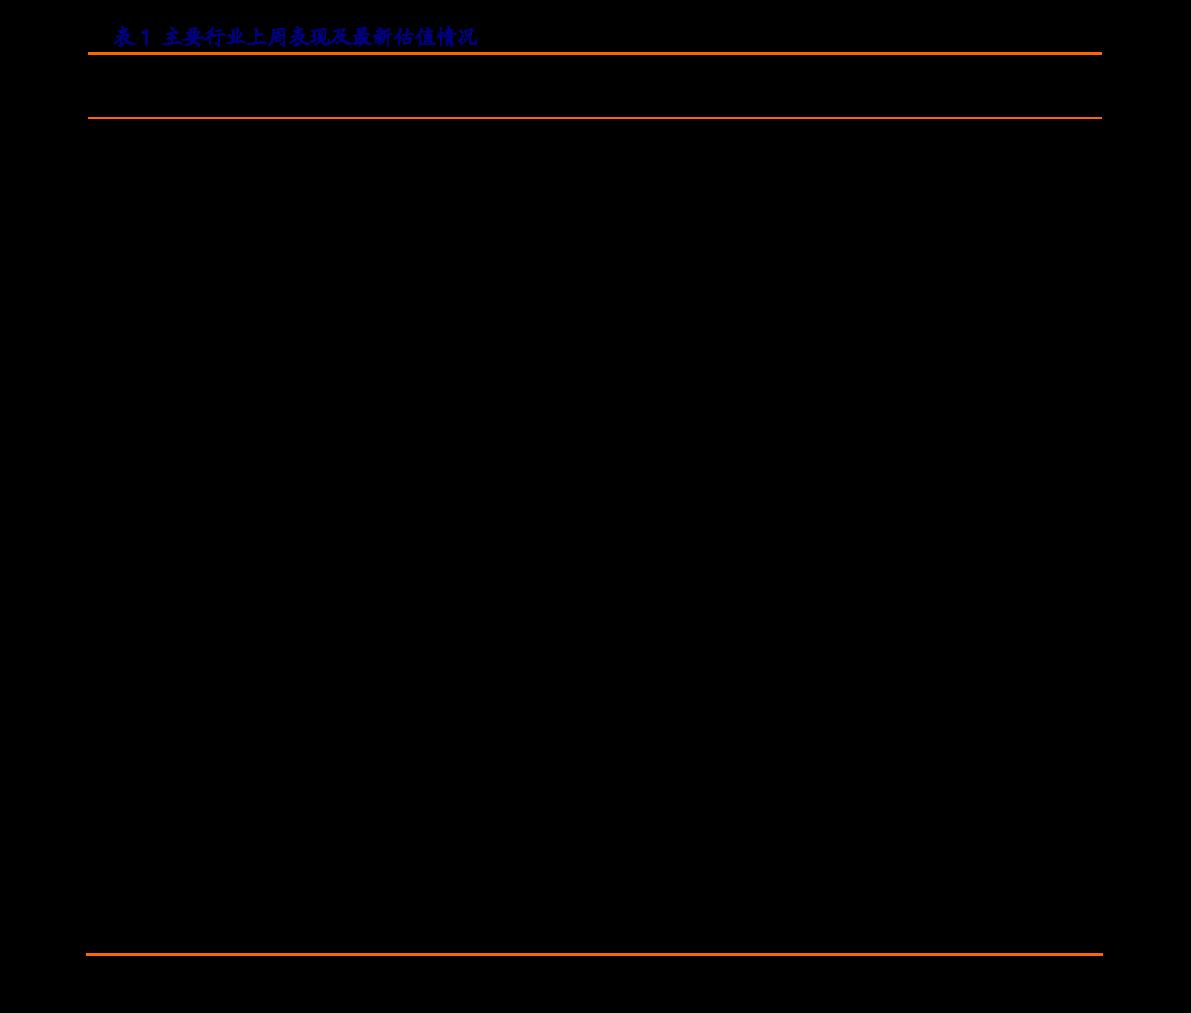 兴业千赢国际app下载-兴证策略风格与估值系列139:持久战把握确定性,绩优股指数表现较好-201017